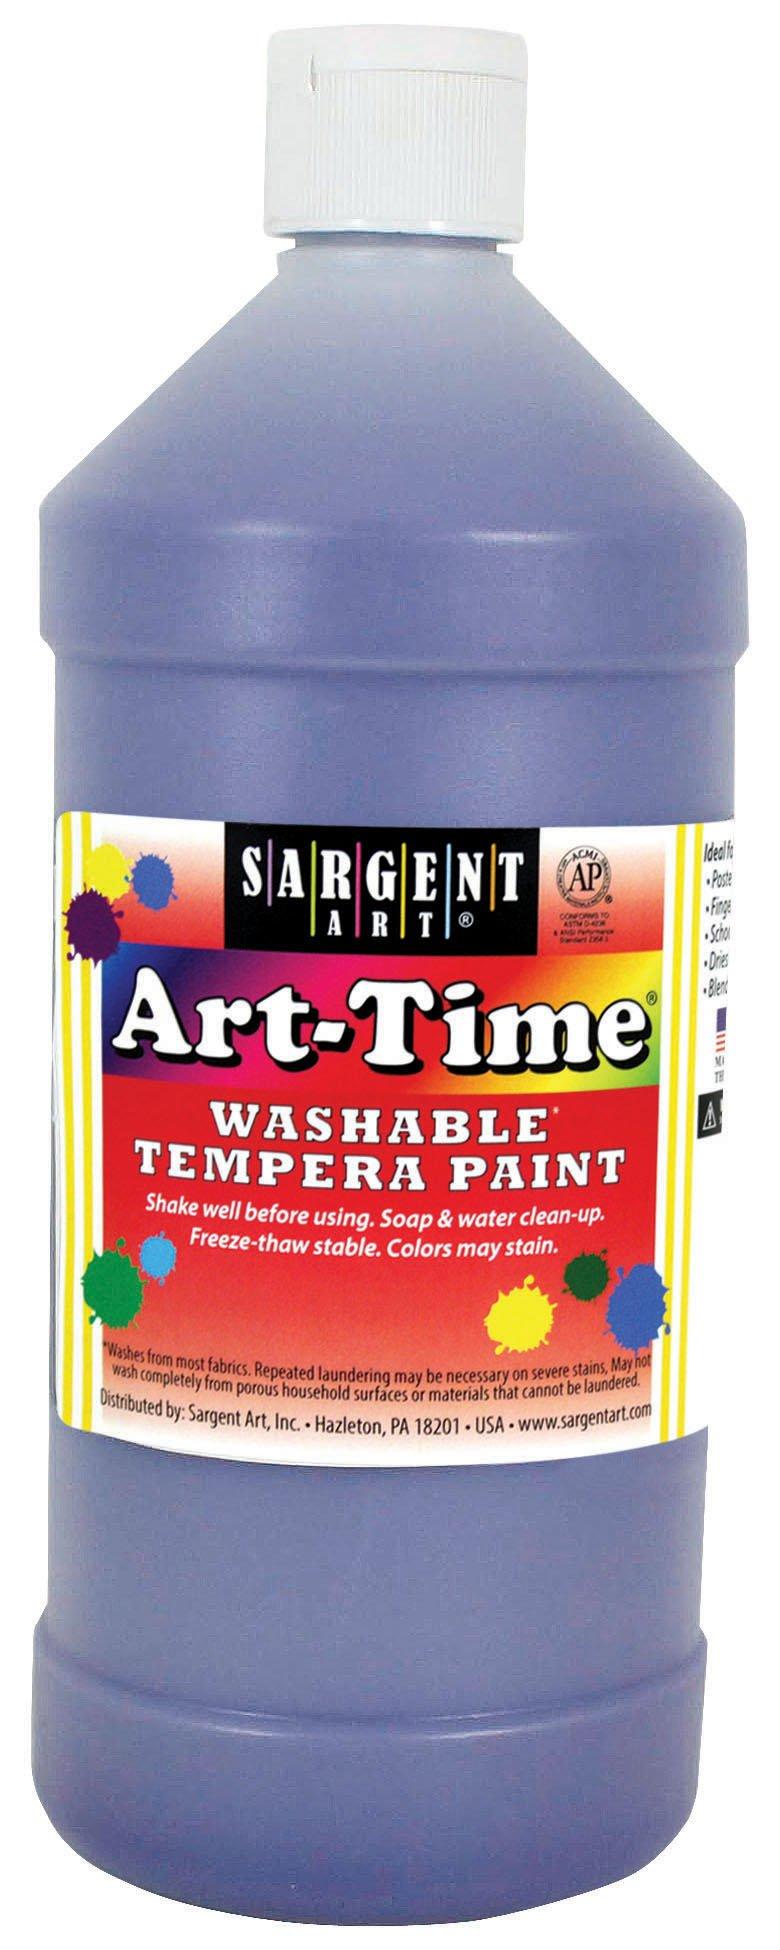 Sargent Art 17-3542 32 oz Violet Art-Time Washable Tempera Paint